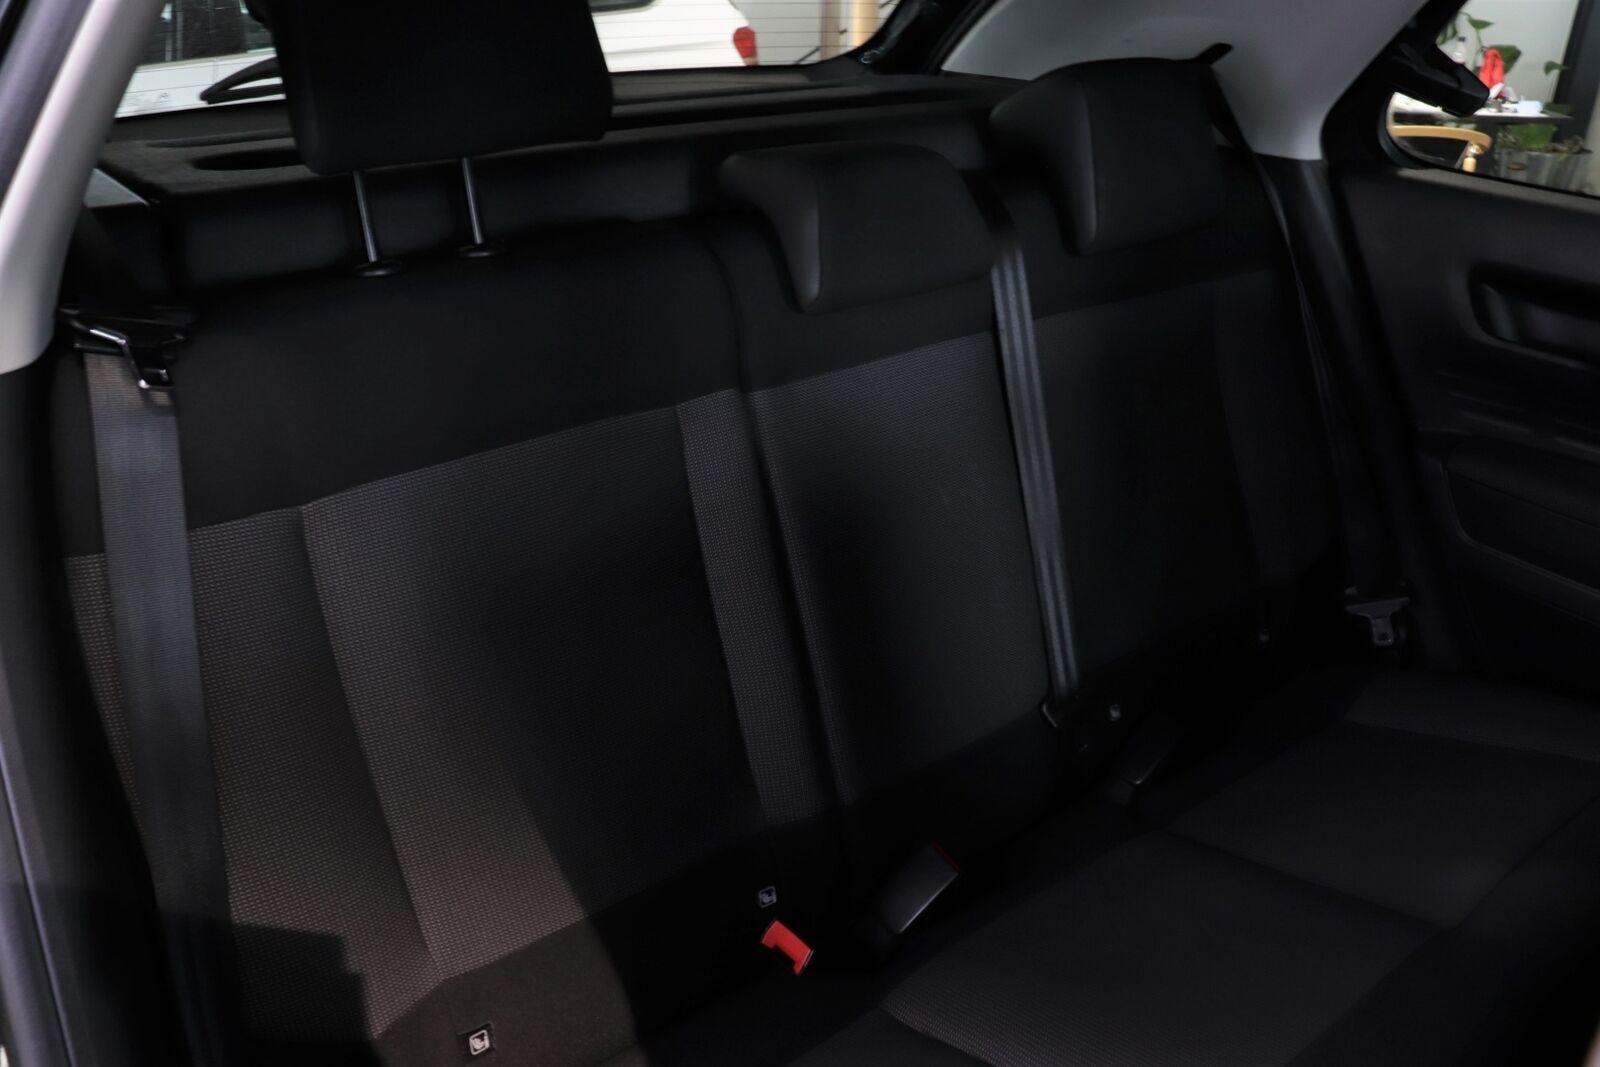 Citroën C4 Cactus PT 82 Feel Complet